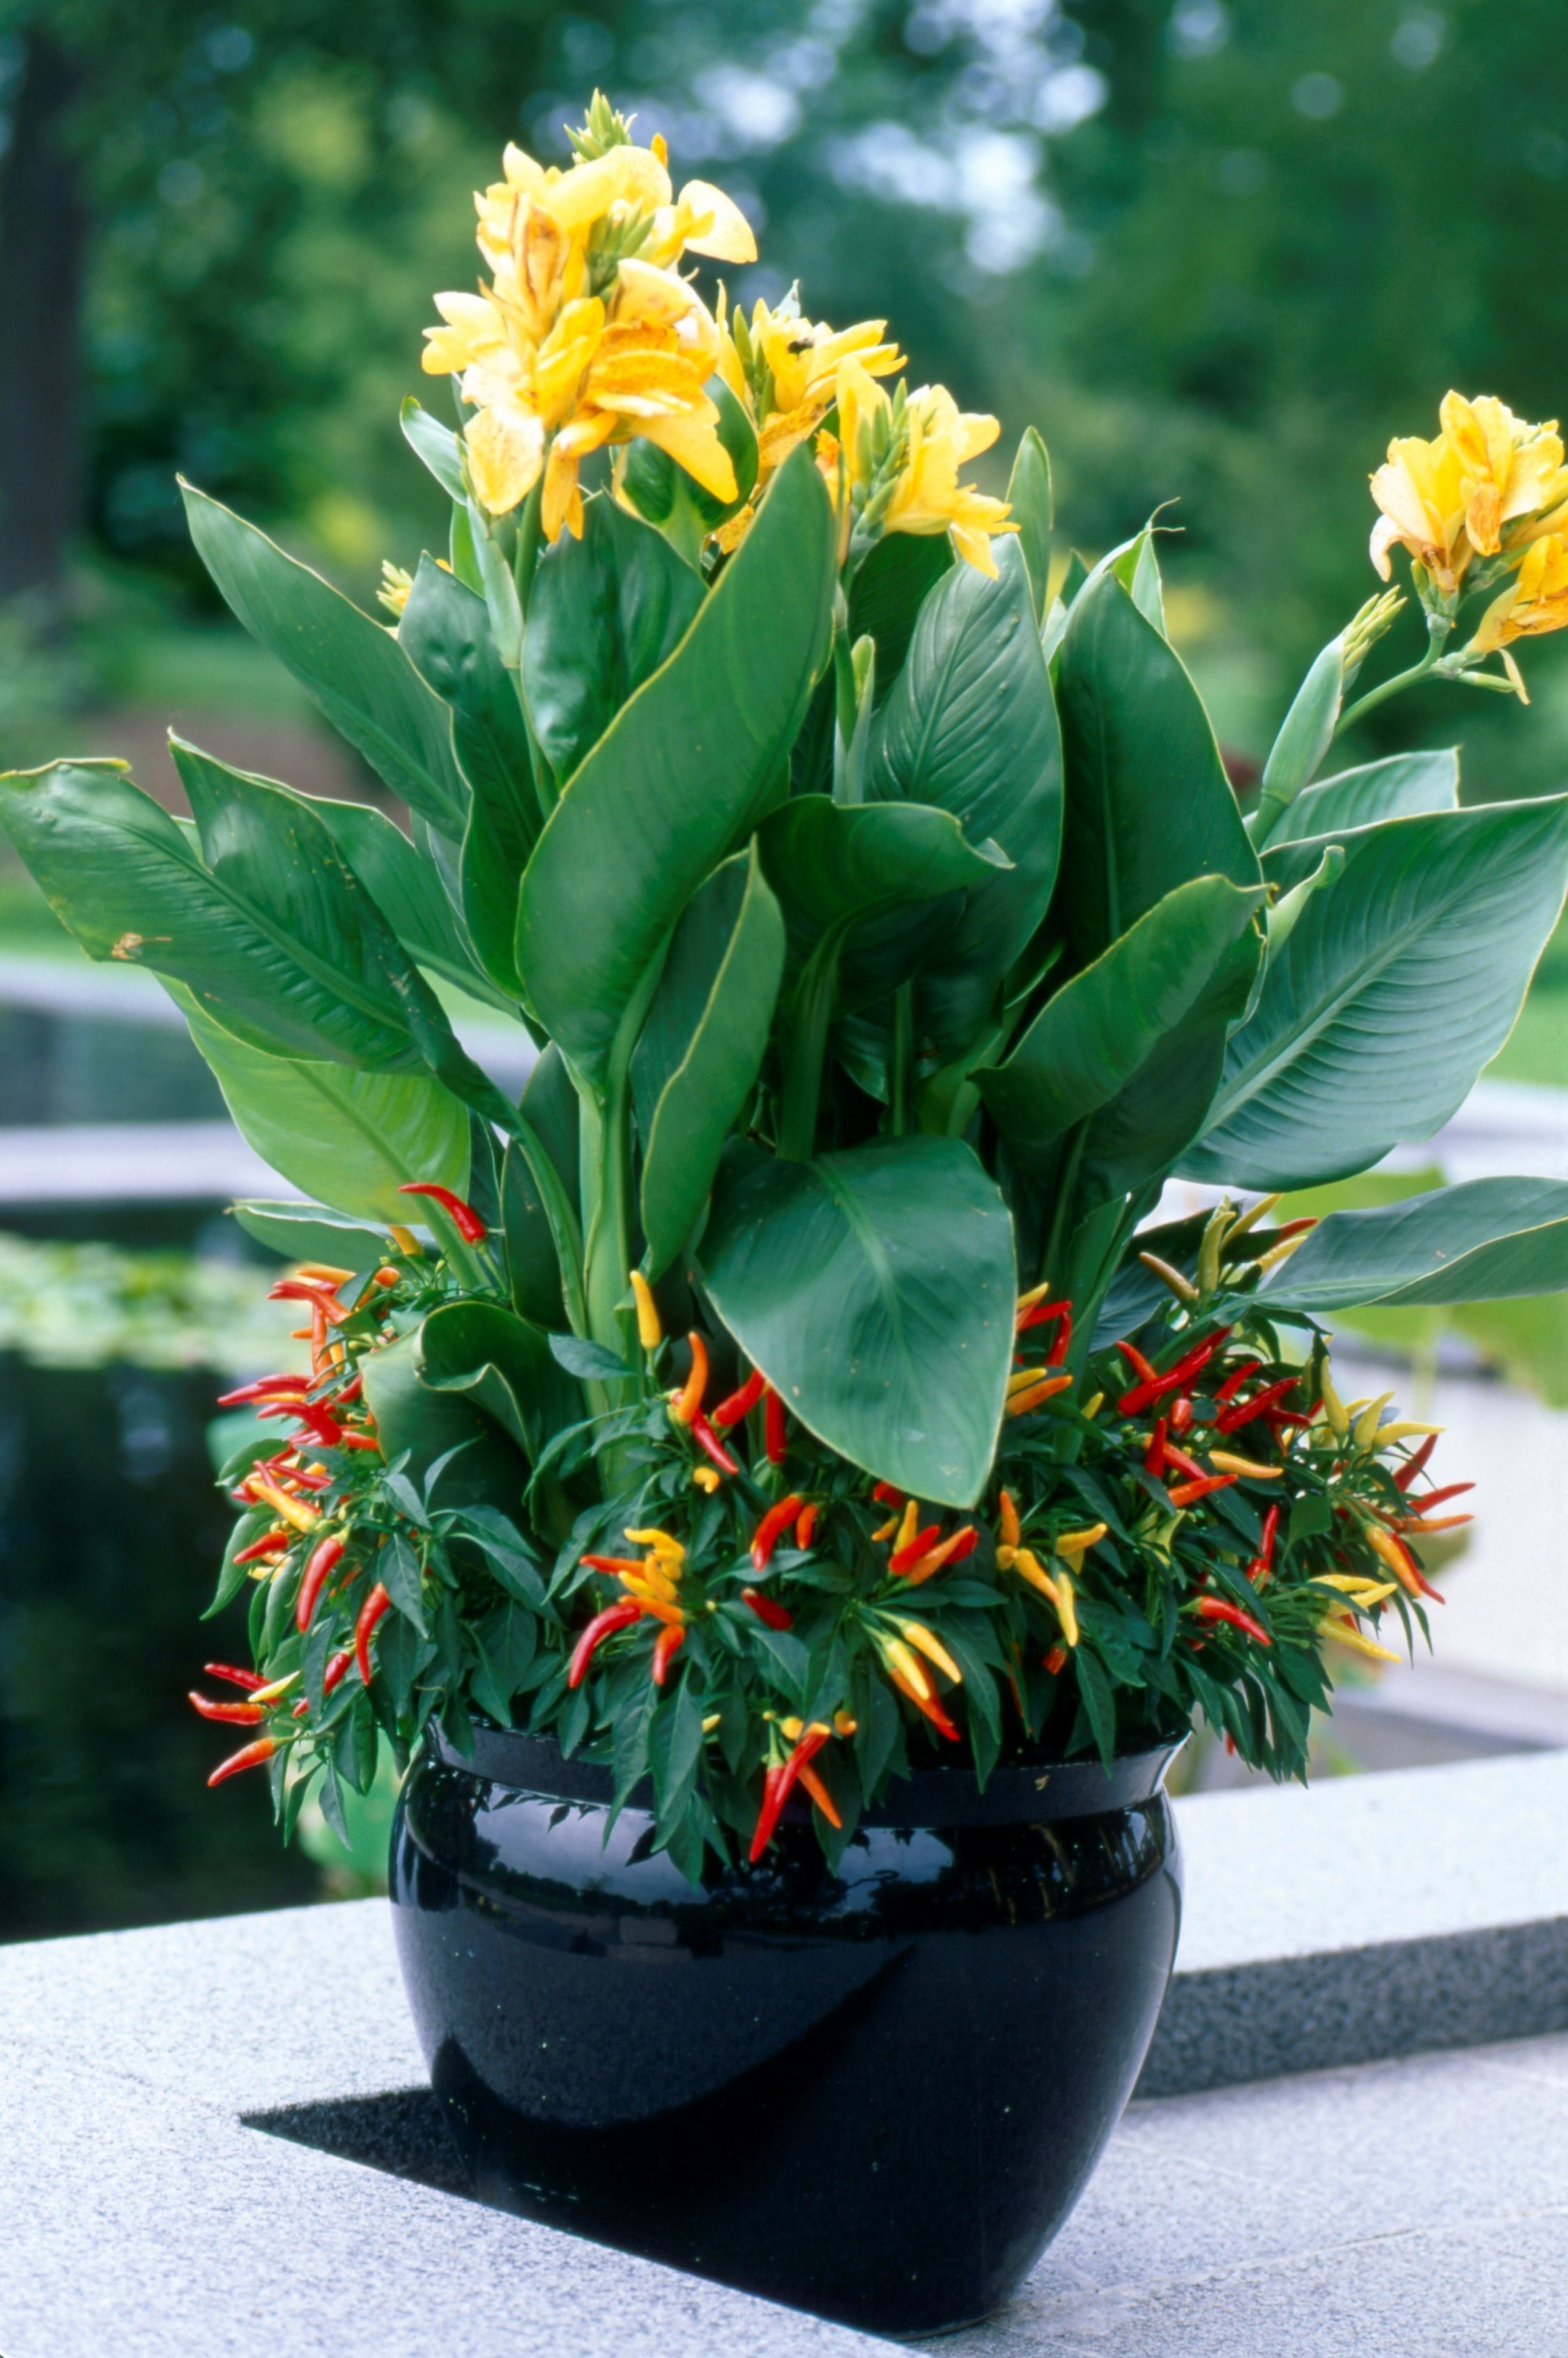 Garden Media Releases 2015 Garden Trends Report Unearthing The Best